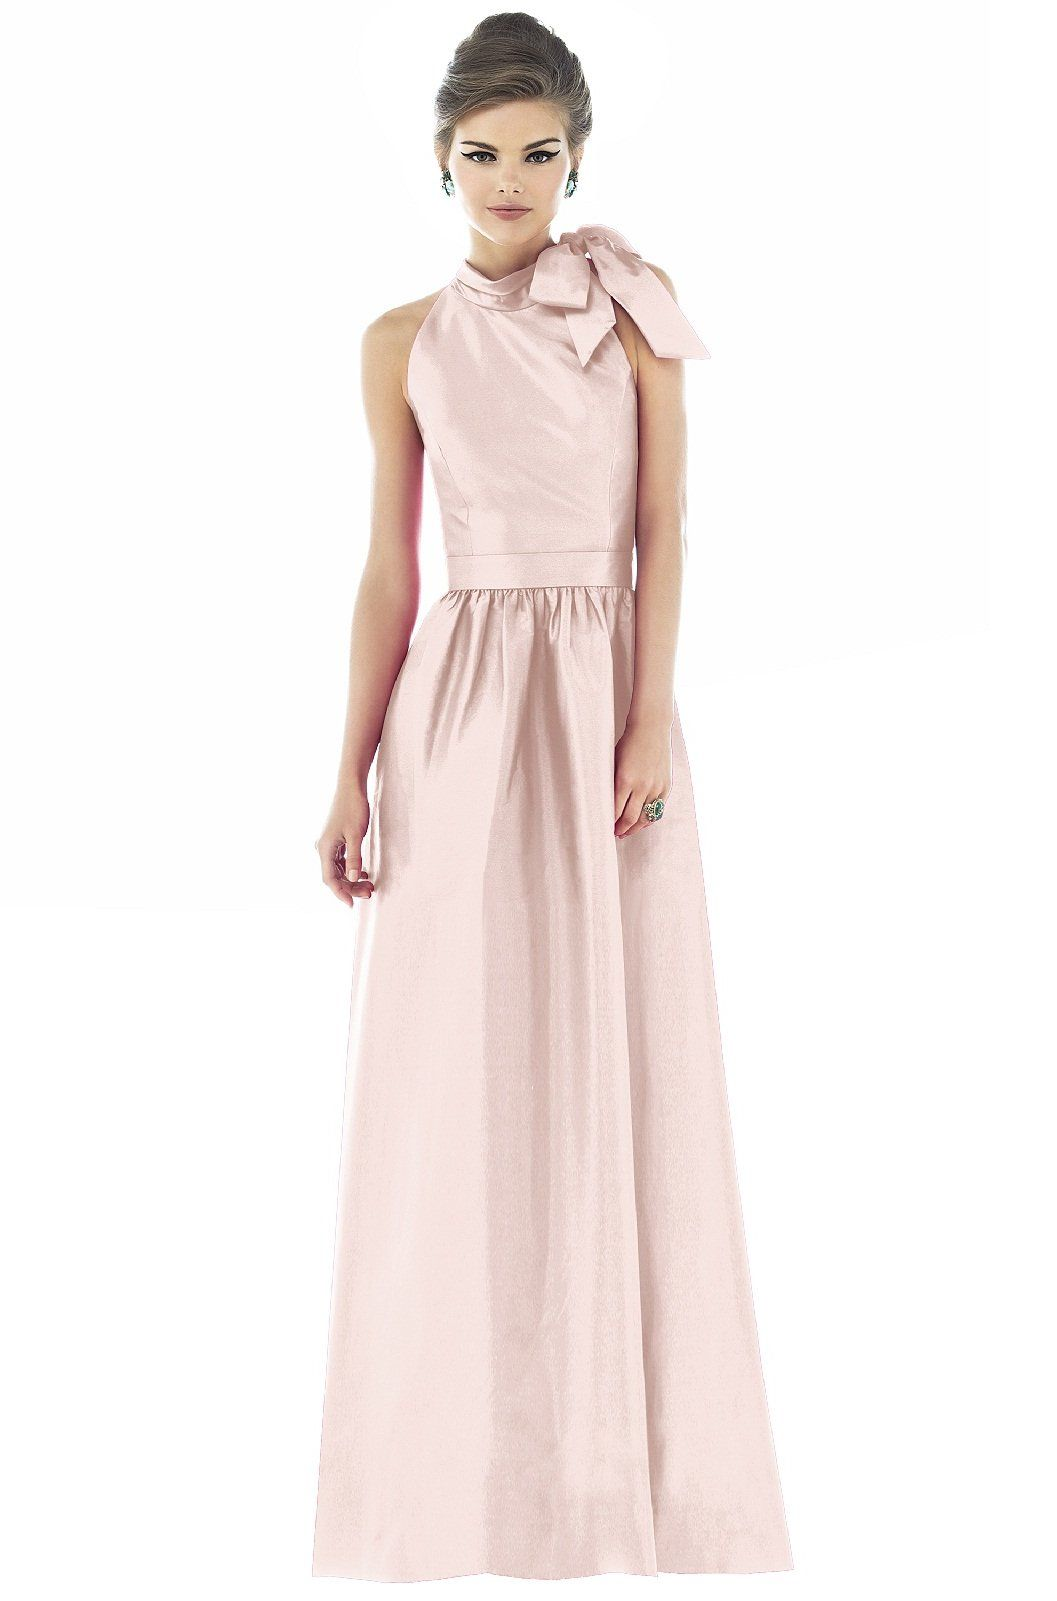 e31e8d65a47 Junior bridesmaid dress option (Monique)